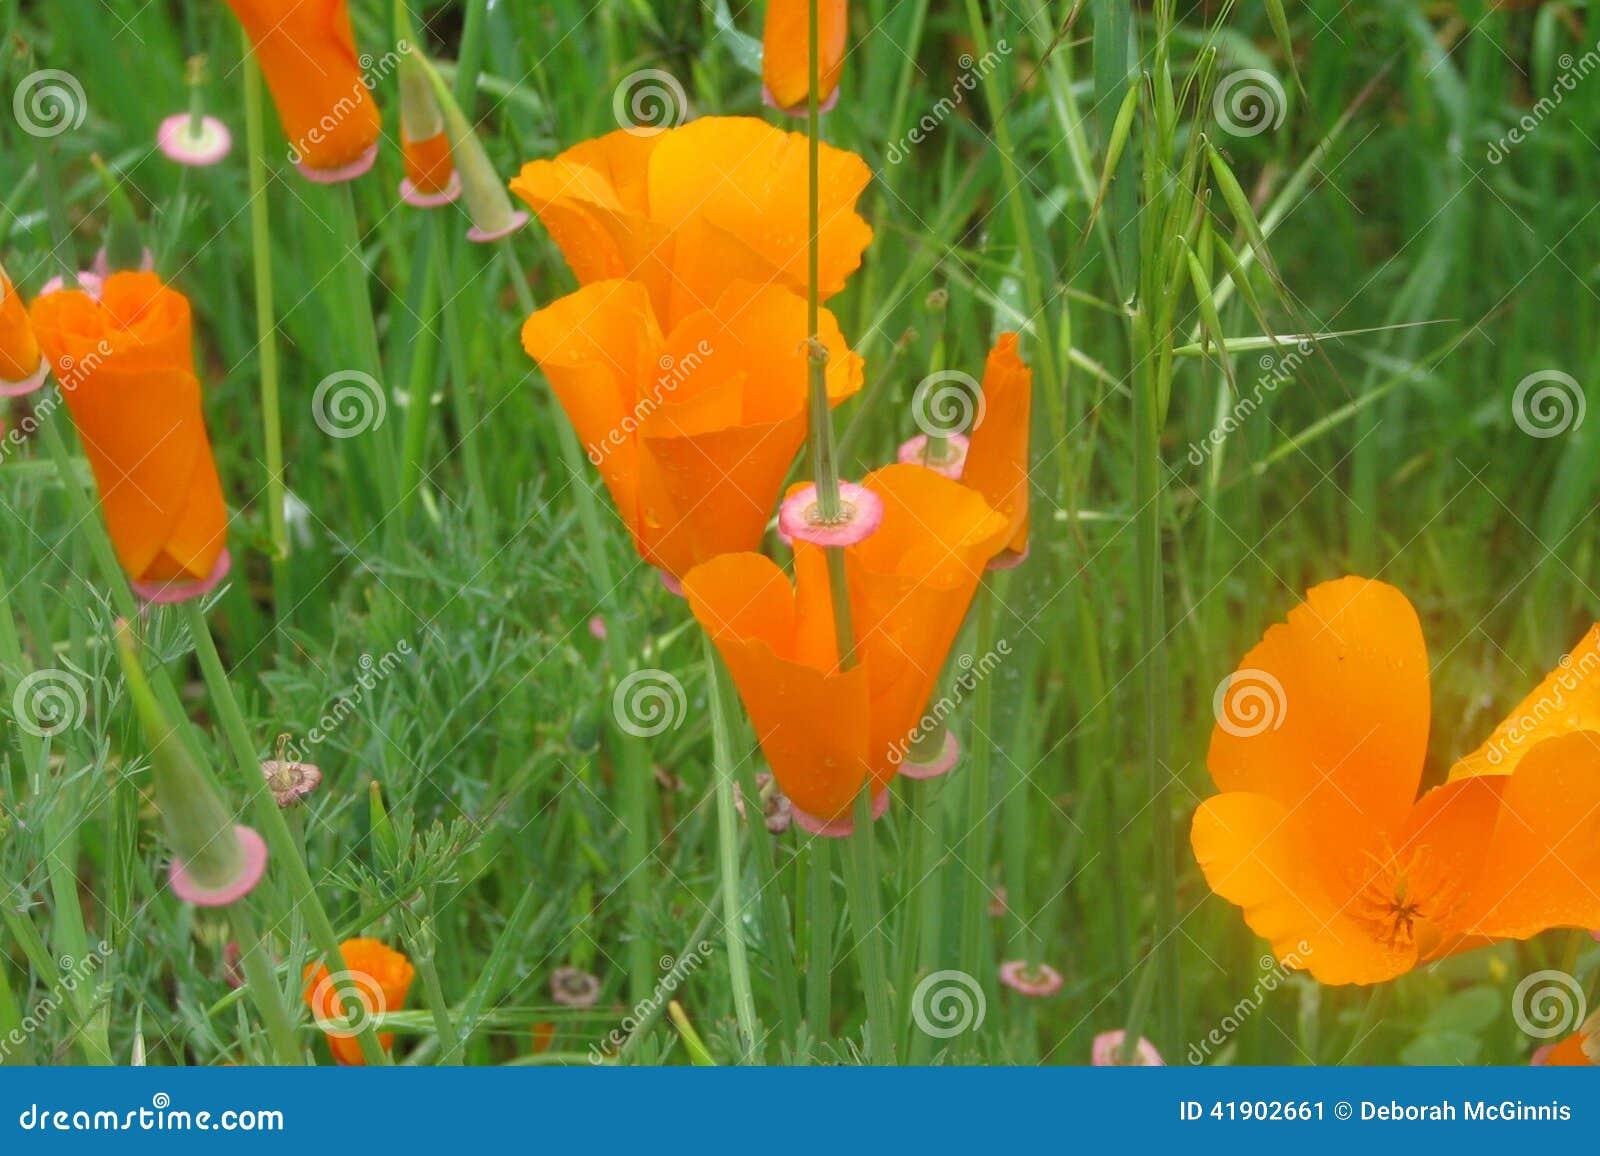 Amapolas anaranjadas